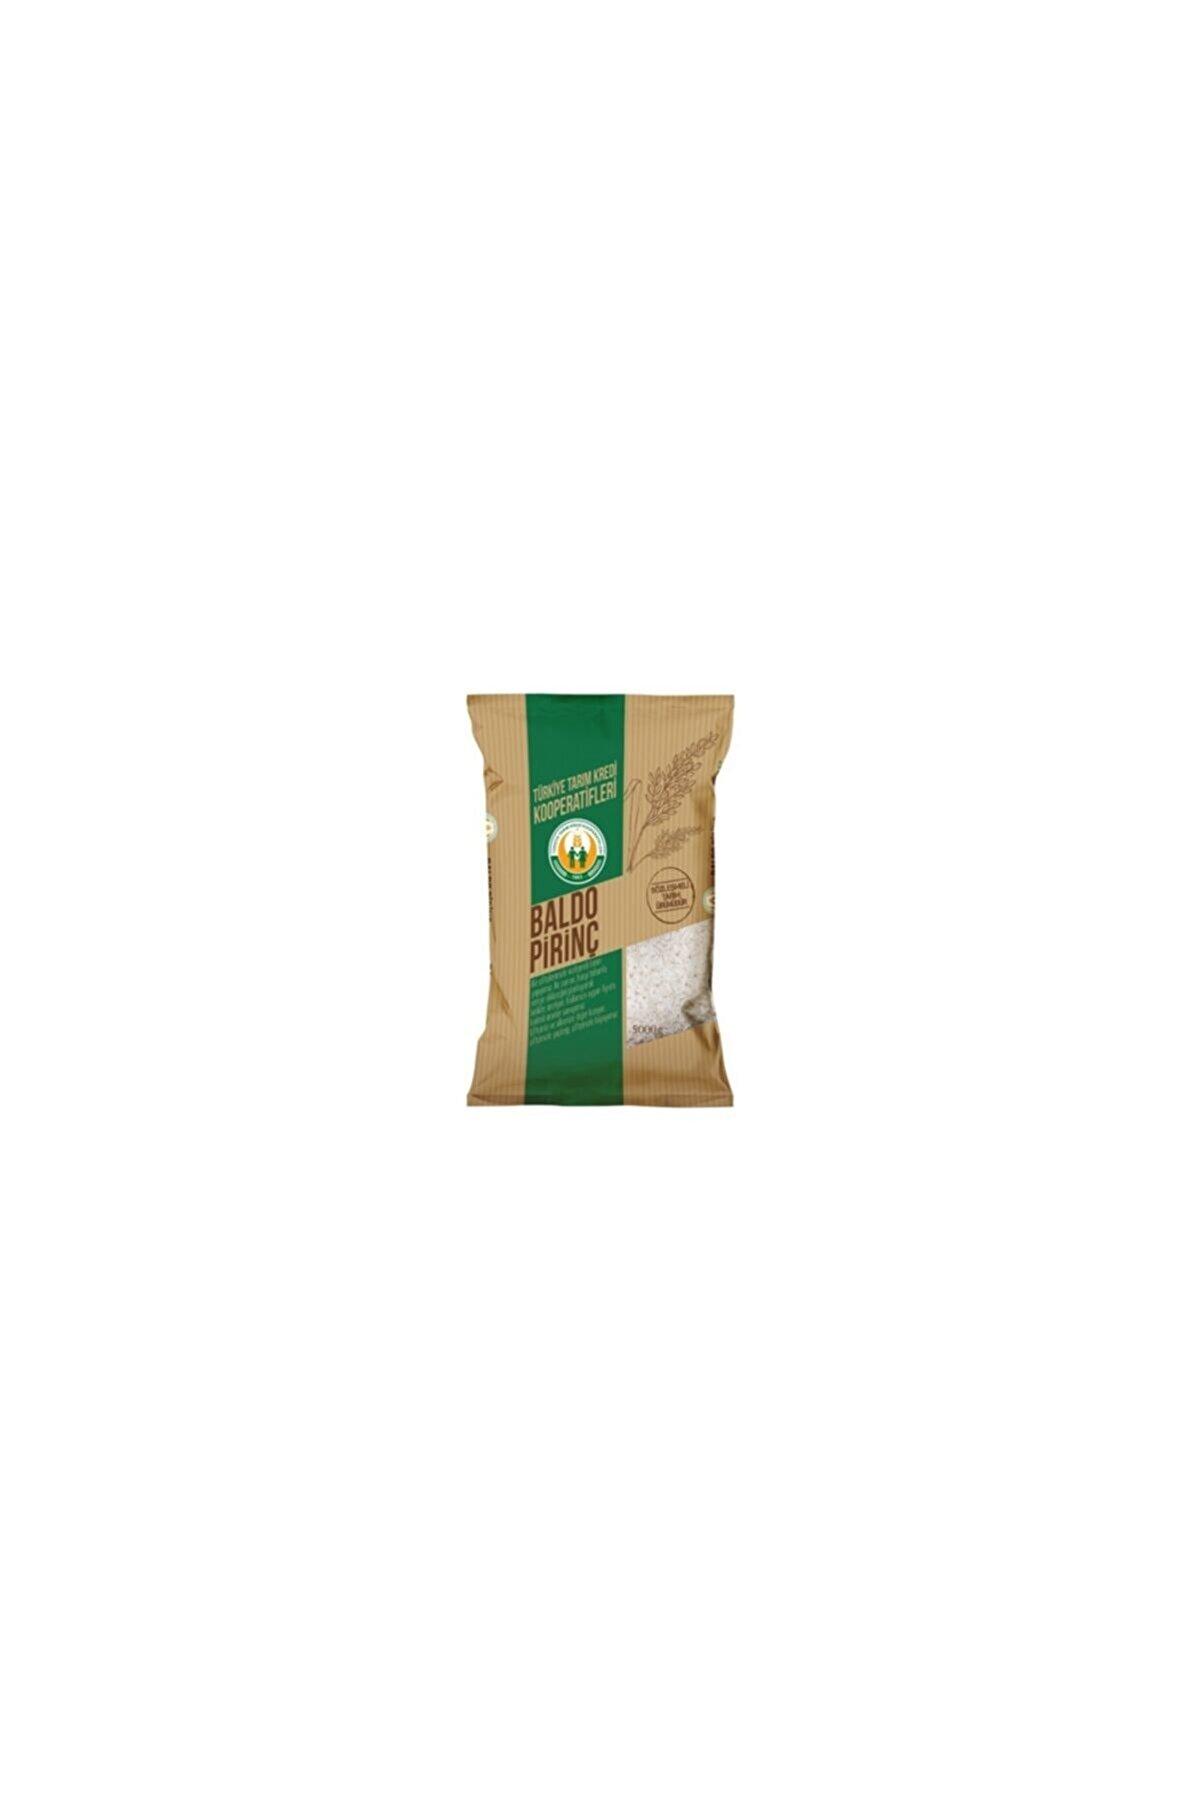 Tarım Kredi Birlik Tarım Kredi Baldo Pirinç 5 Kg